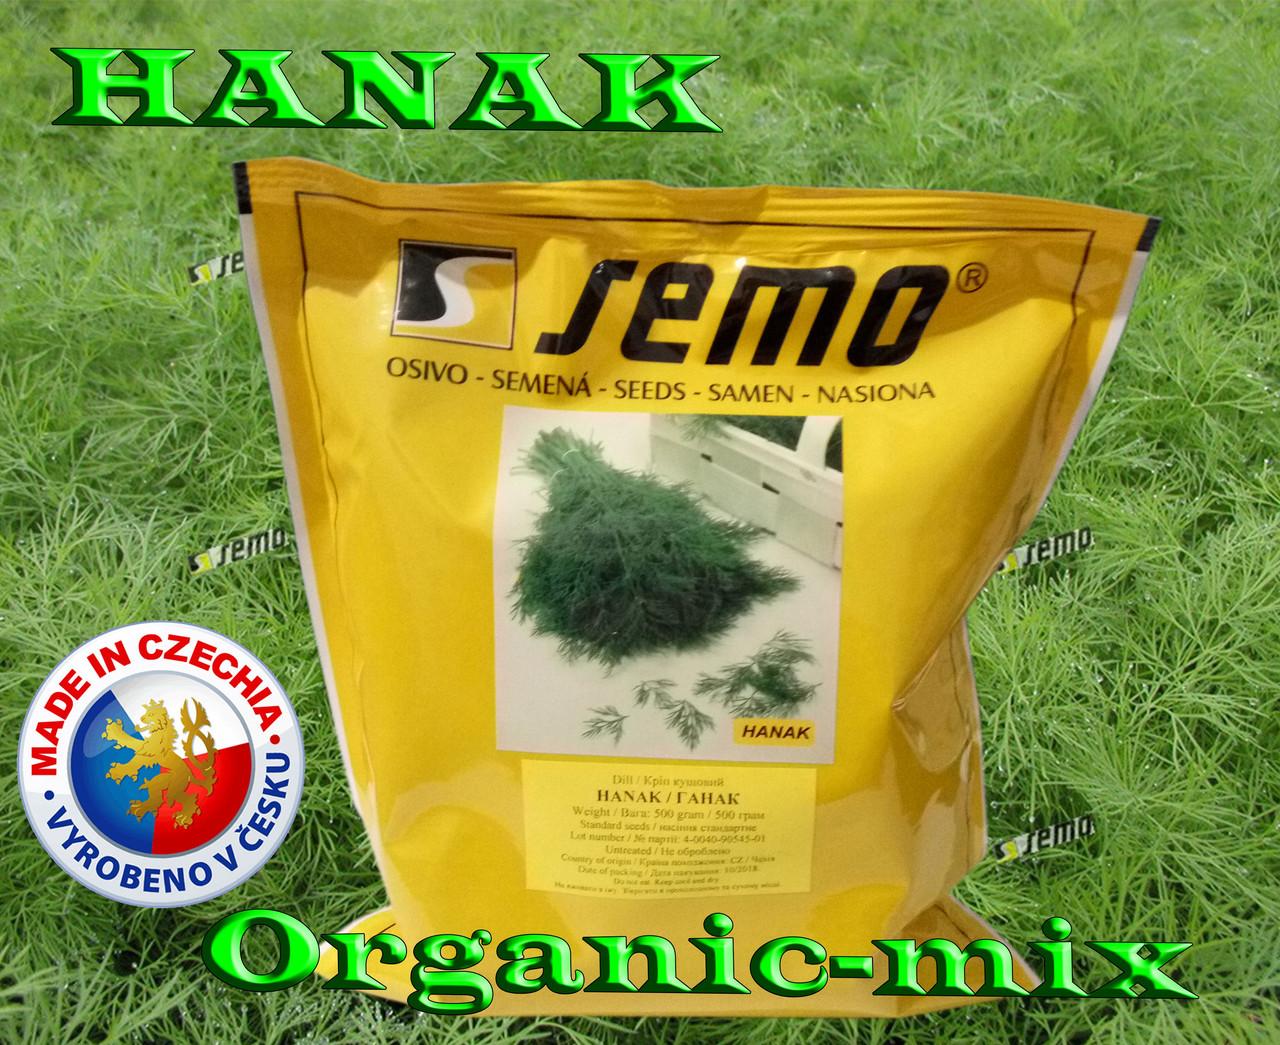 Укроп ранний, ГАНАК /HANAK, 500 г фермерский проф. пакет, SEMO (Чехия)